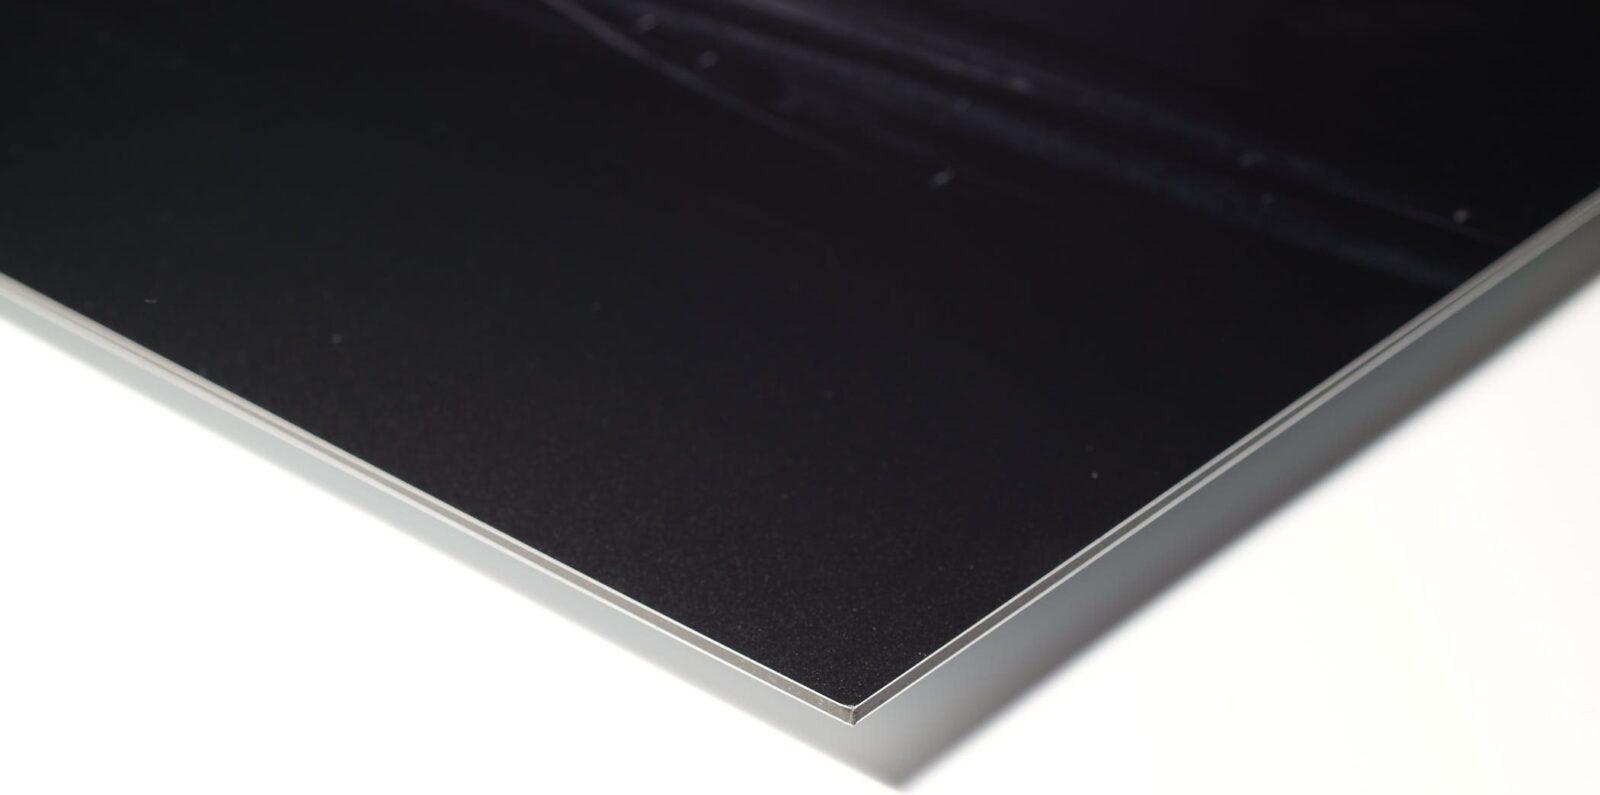 Alu-plate - Stilrent og elegant print på dibond plater